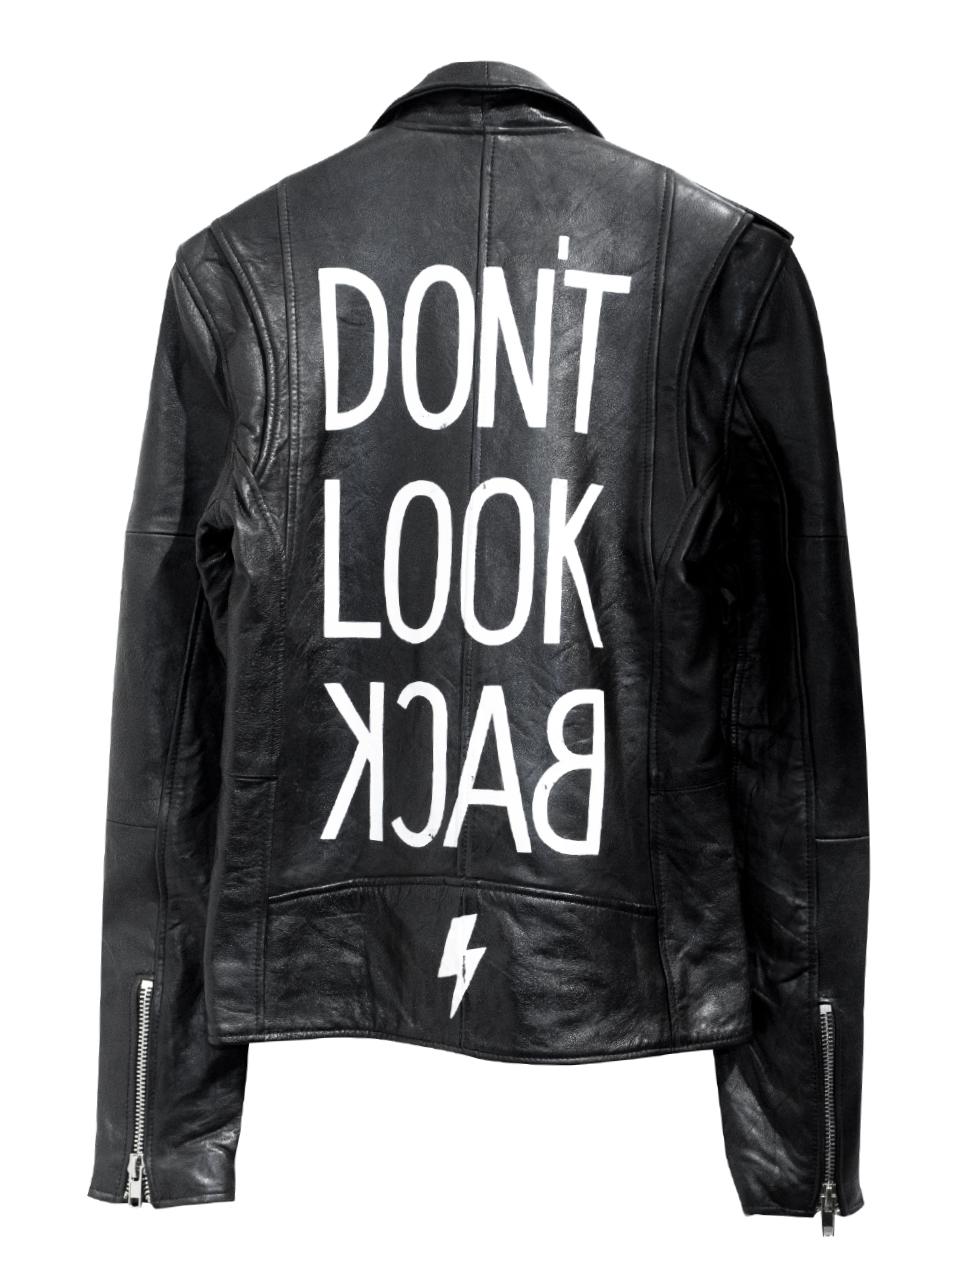 Deadwood Don't Look Backer Leather Jacket